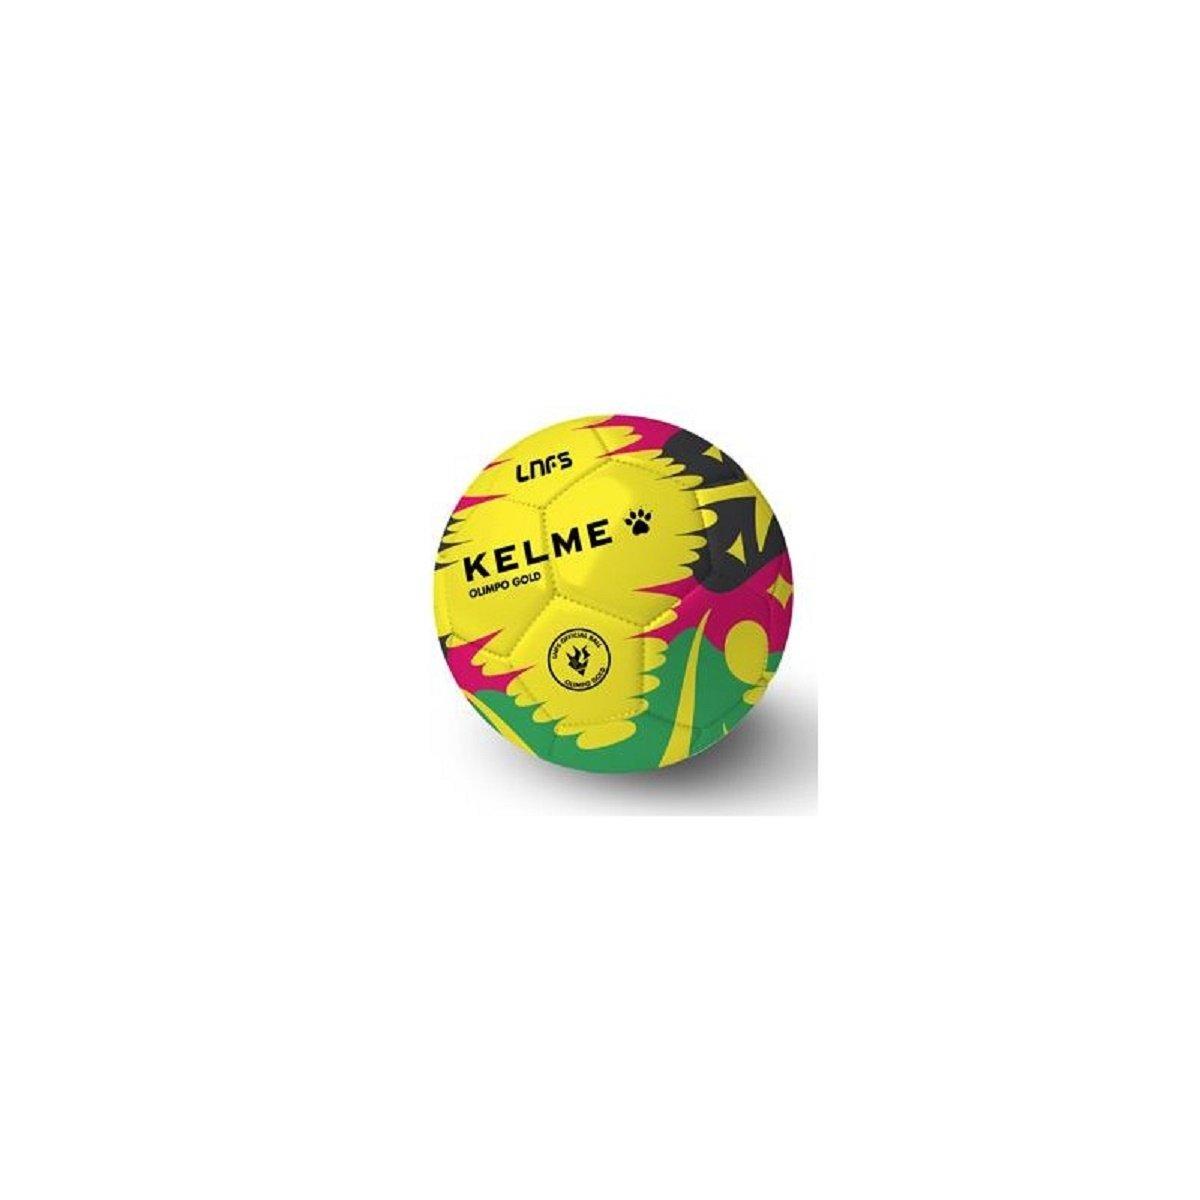 Balón Fútbol Sala Kelme Olimpo Gold RÉPLICA - Temporada 2017/2018 90157-0944